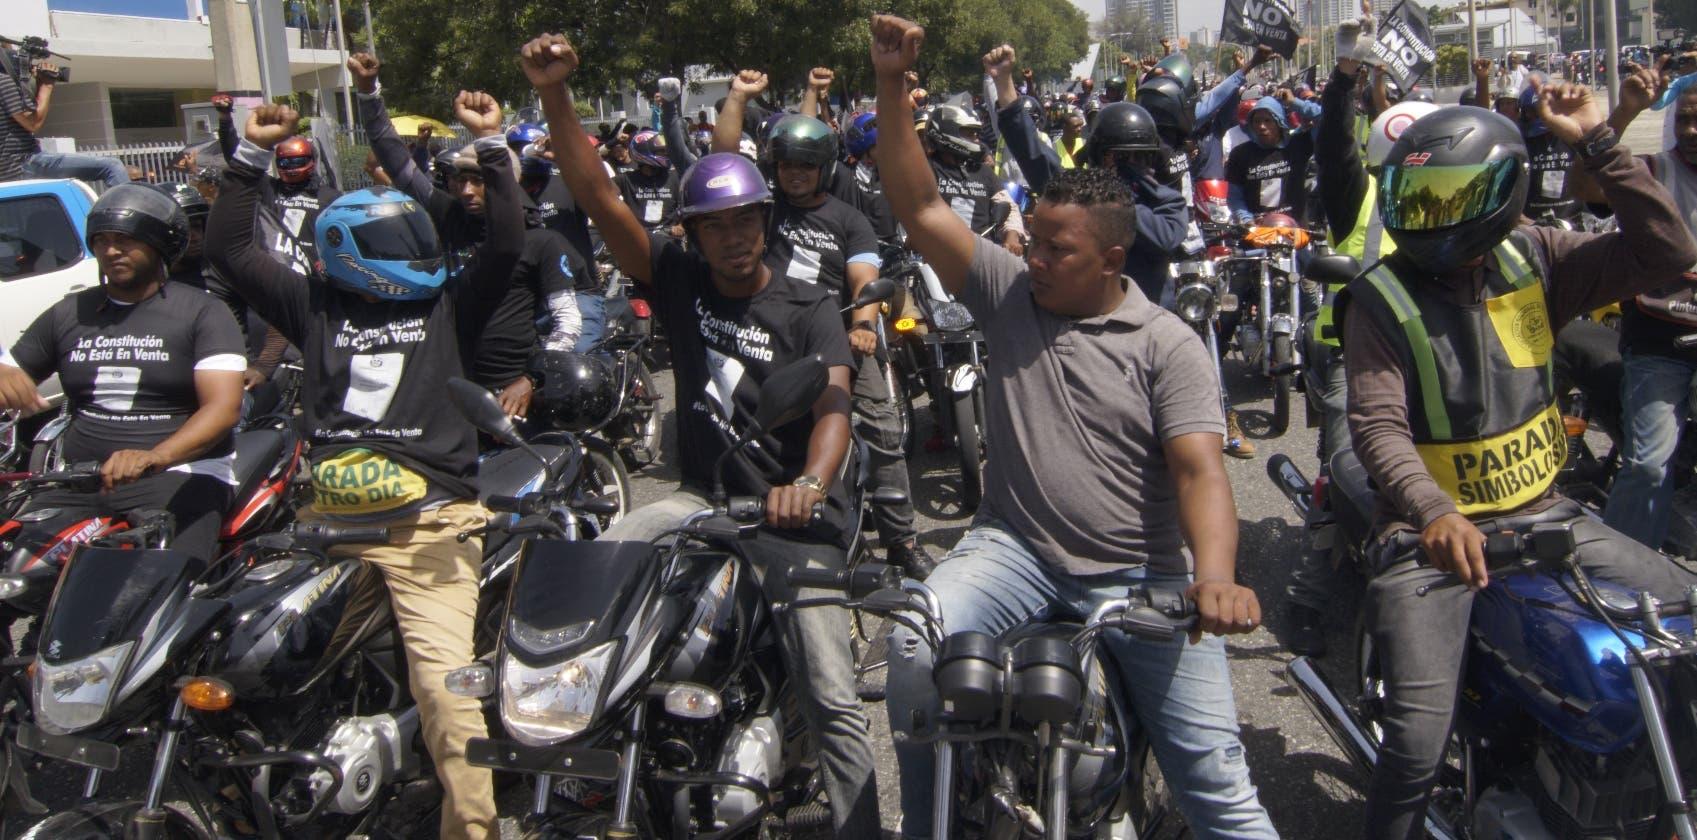 Efectivos militares y de la Policía acordonaron toda el área   perimetral,  que incluía  hasta  tres calles  antes del Congreso.  E. tapia.